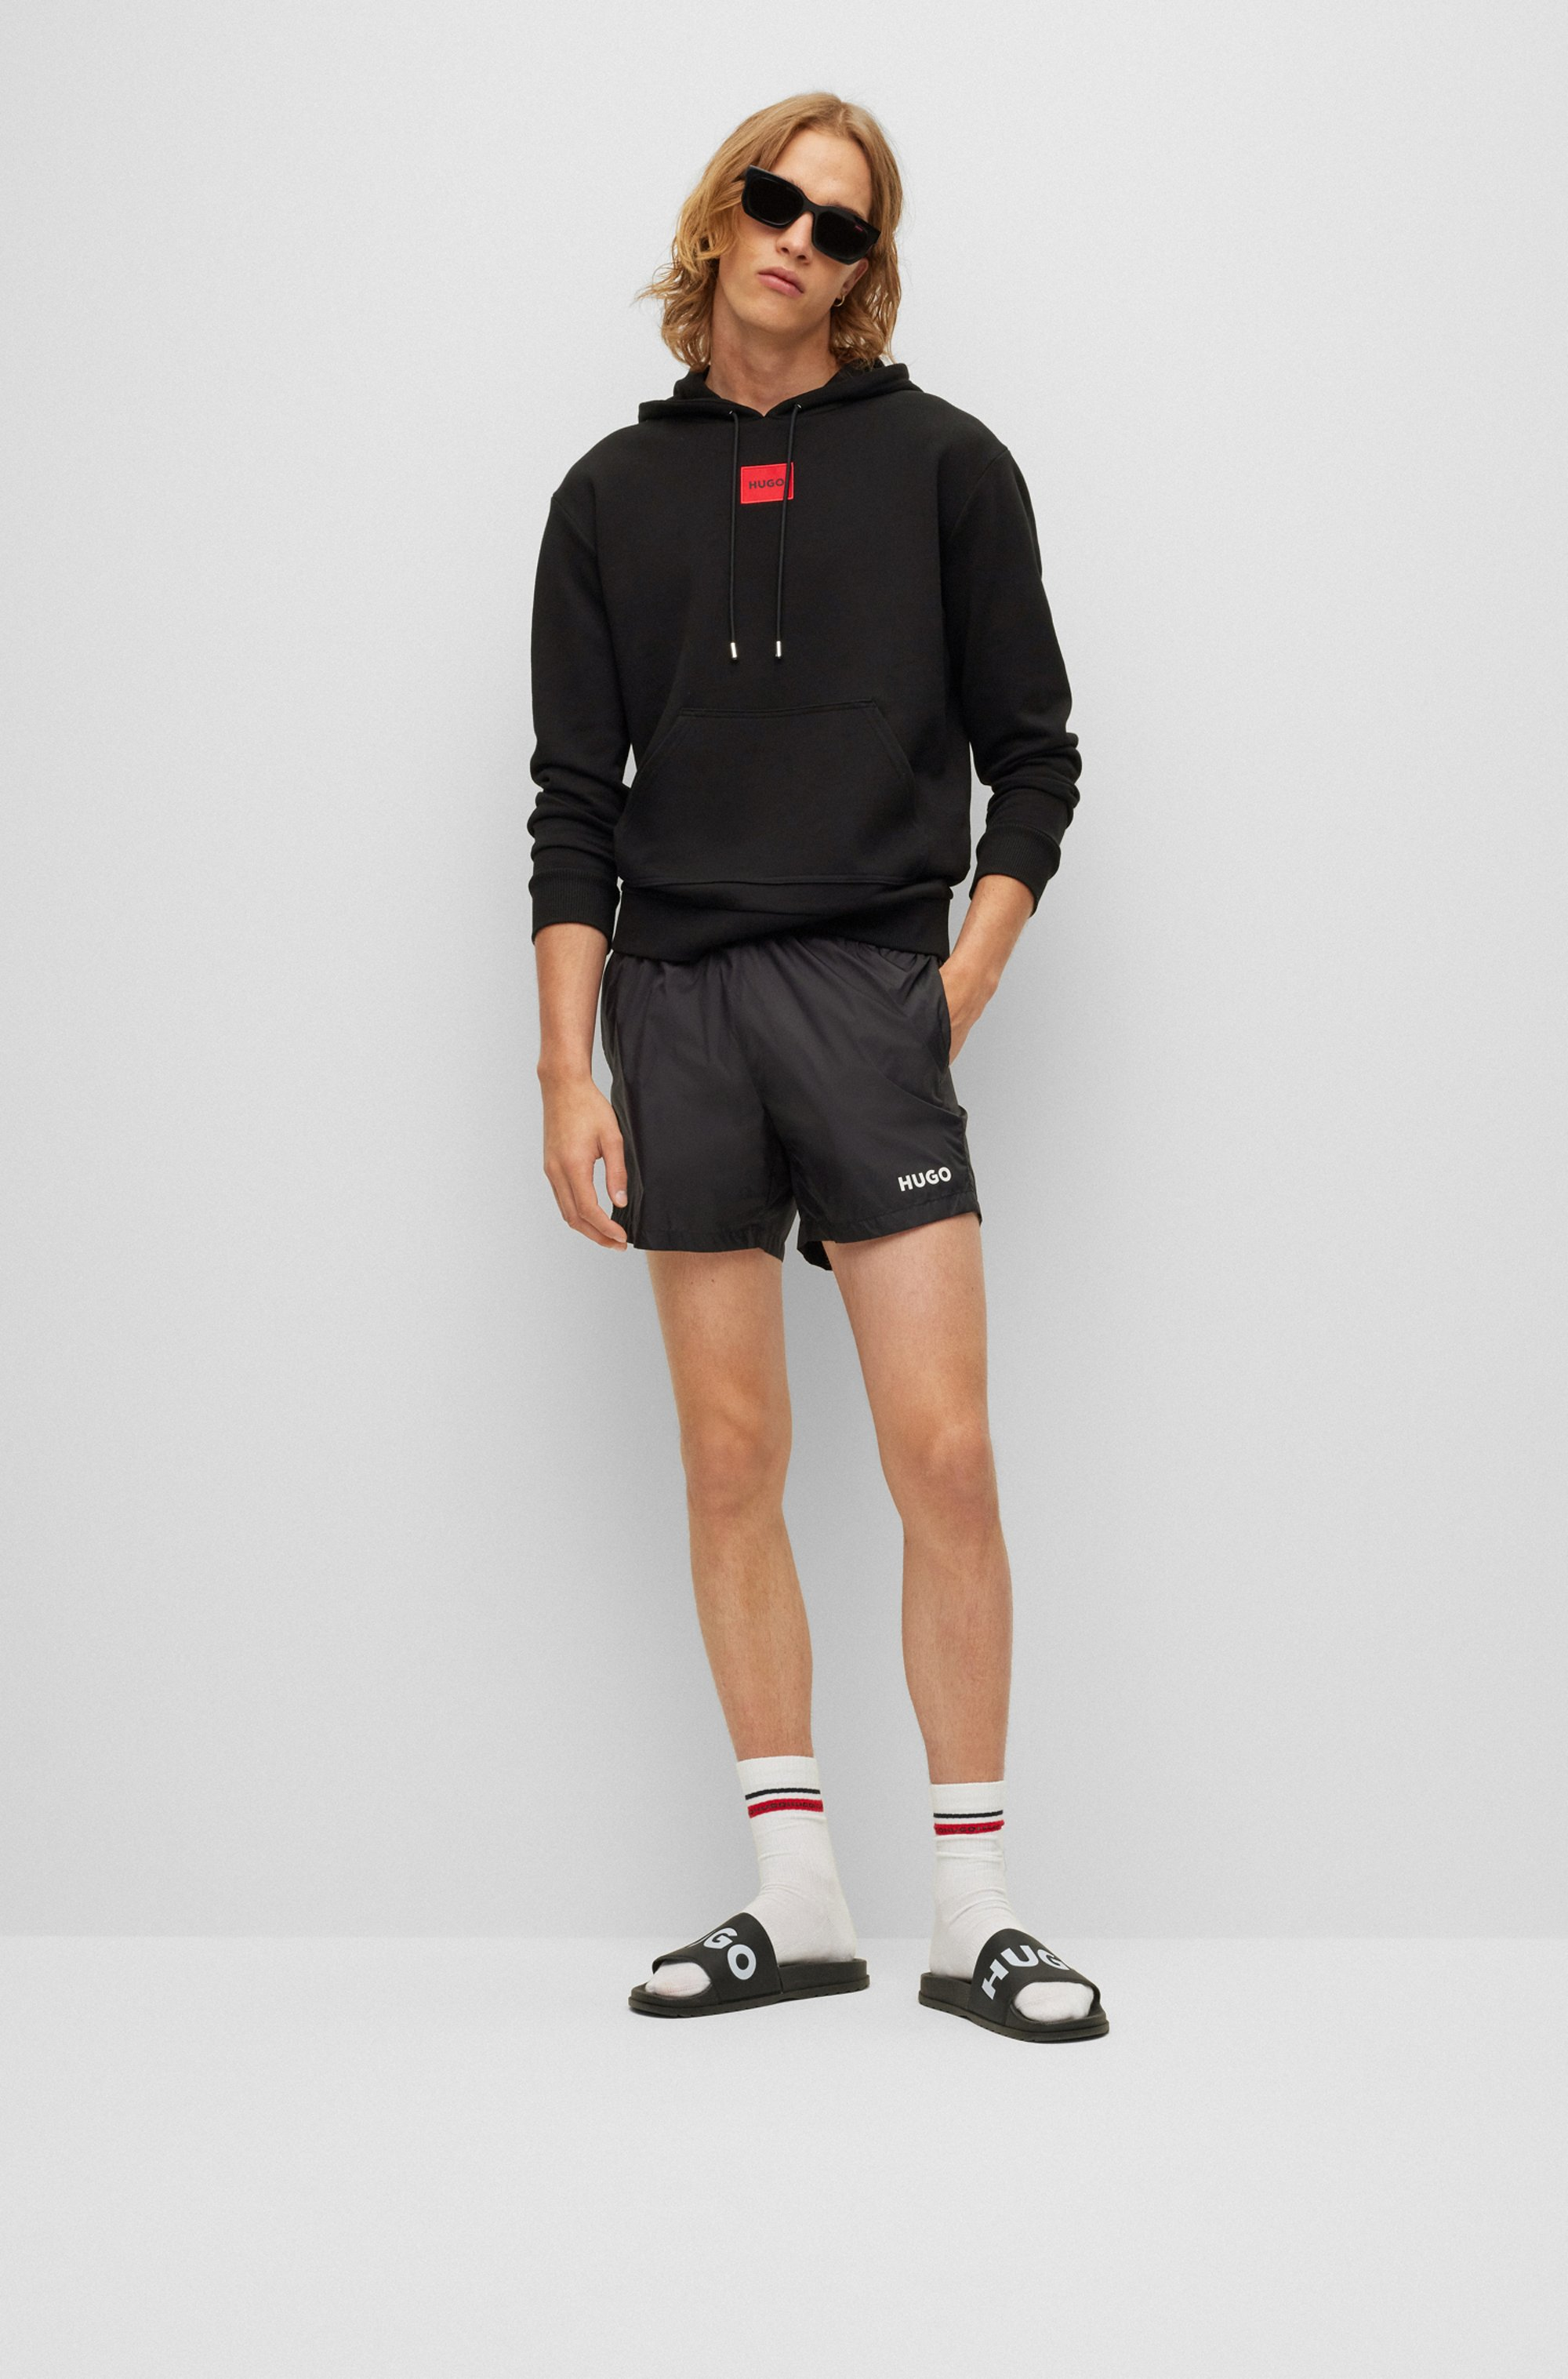 Sweat à capuche en coton avec étiquette logo rouge